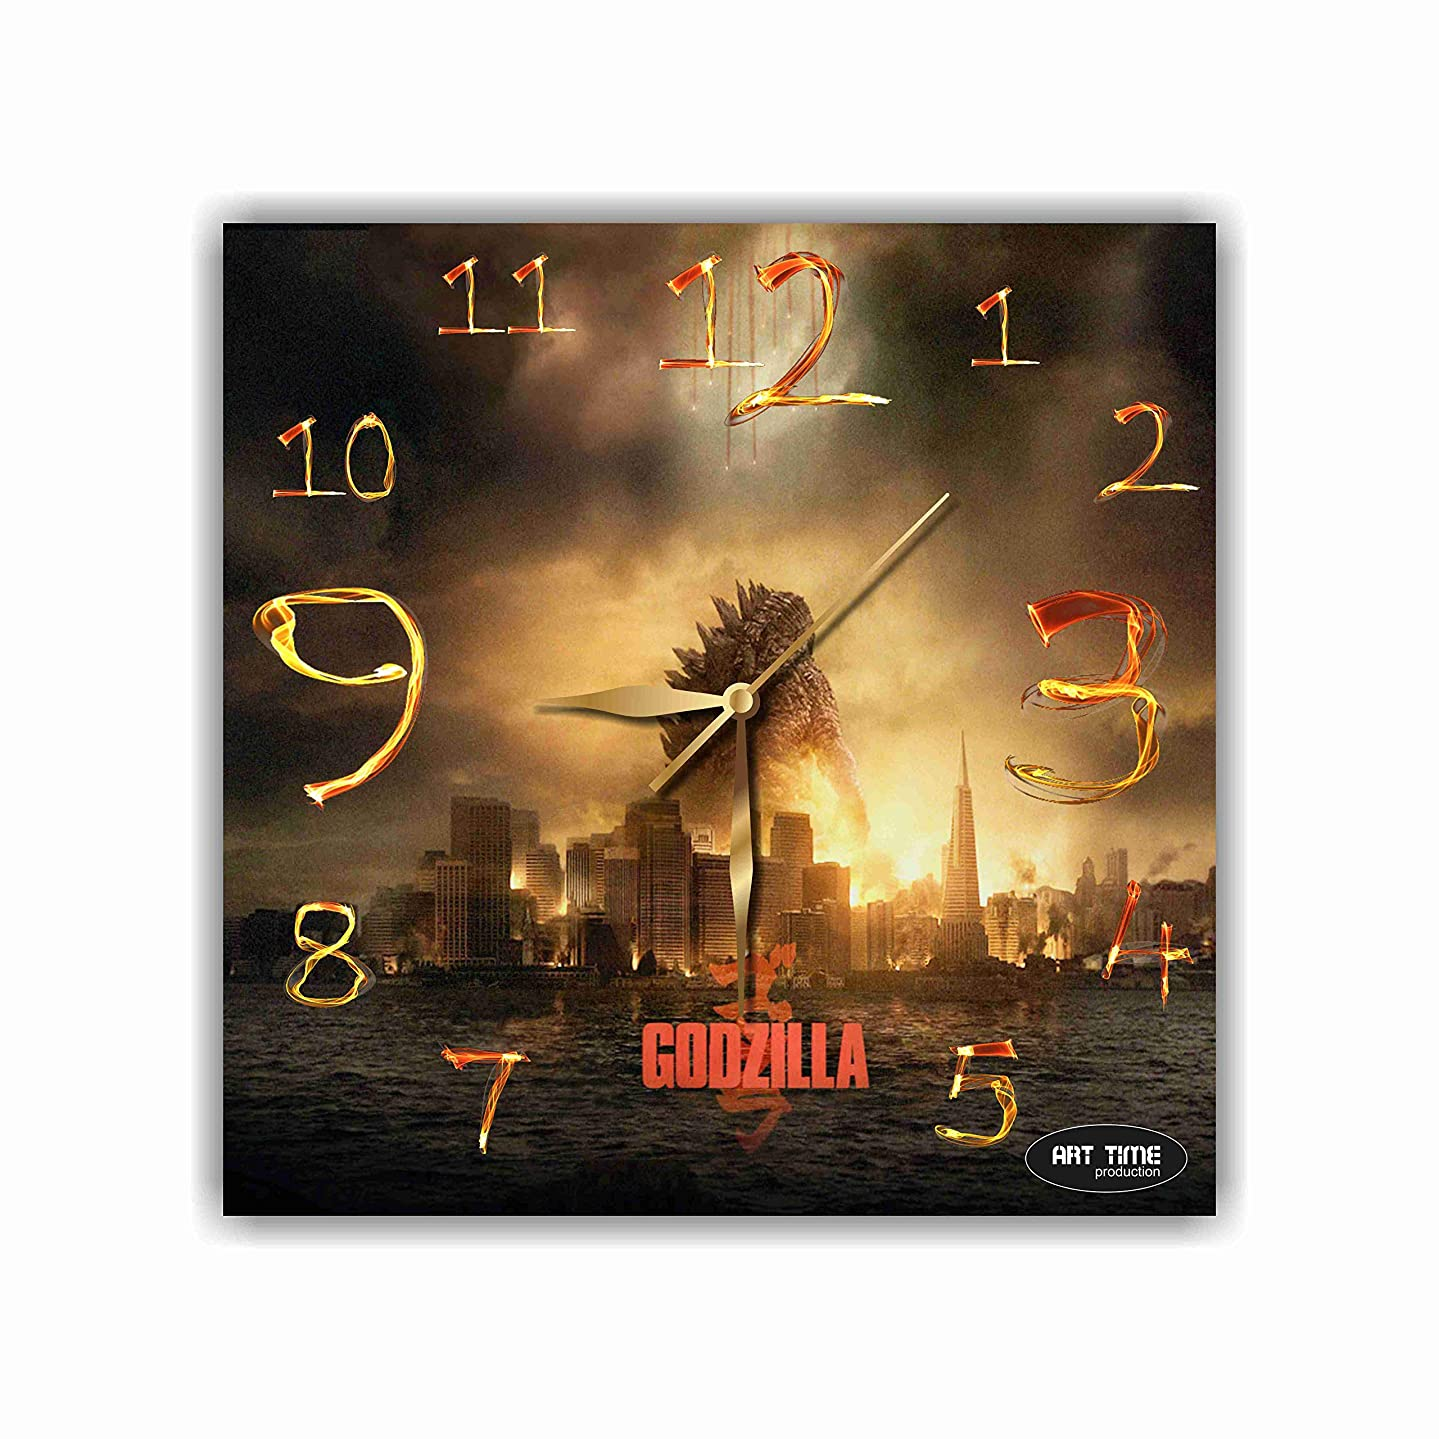 ぼかす司書抗生物質Exclusive wall clock Godzilla 11 壁時計 ゴジラ あなたの友人のための最高の贈り物。あなたの家のためのオリジナルデザイン